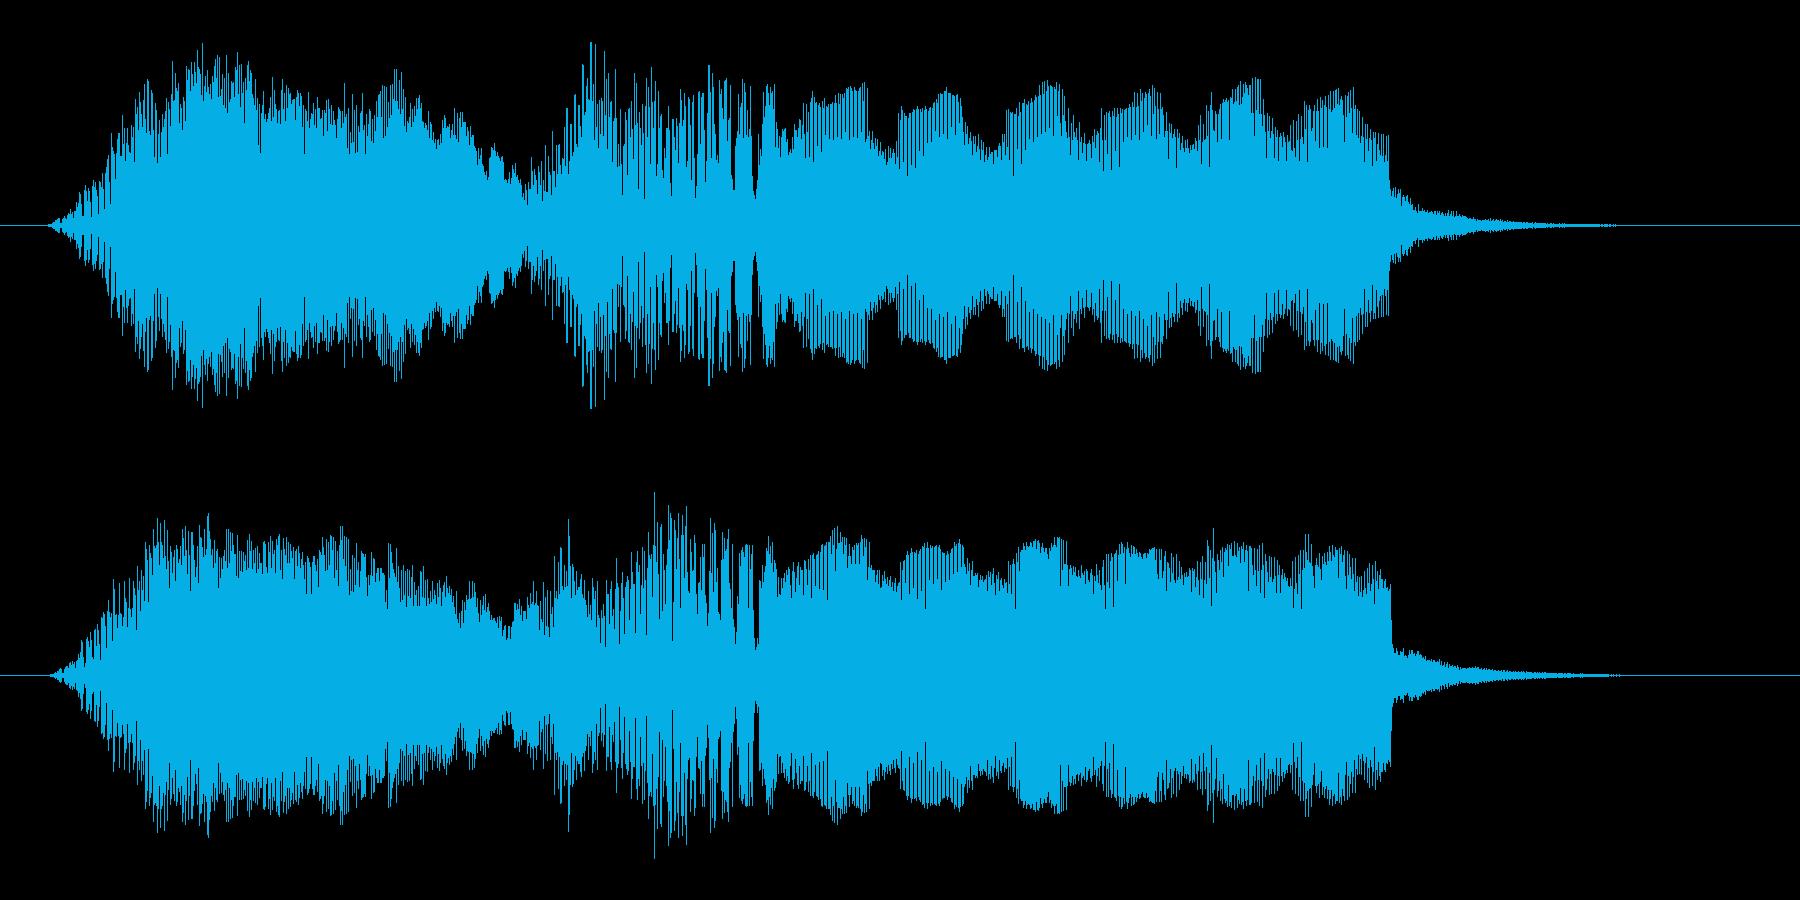 映画などが始まりそうなサウンドロゴの再生済みの波形